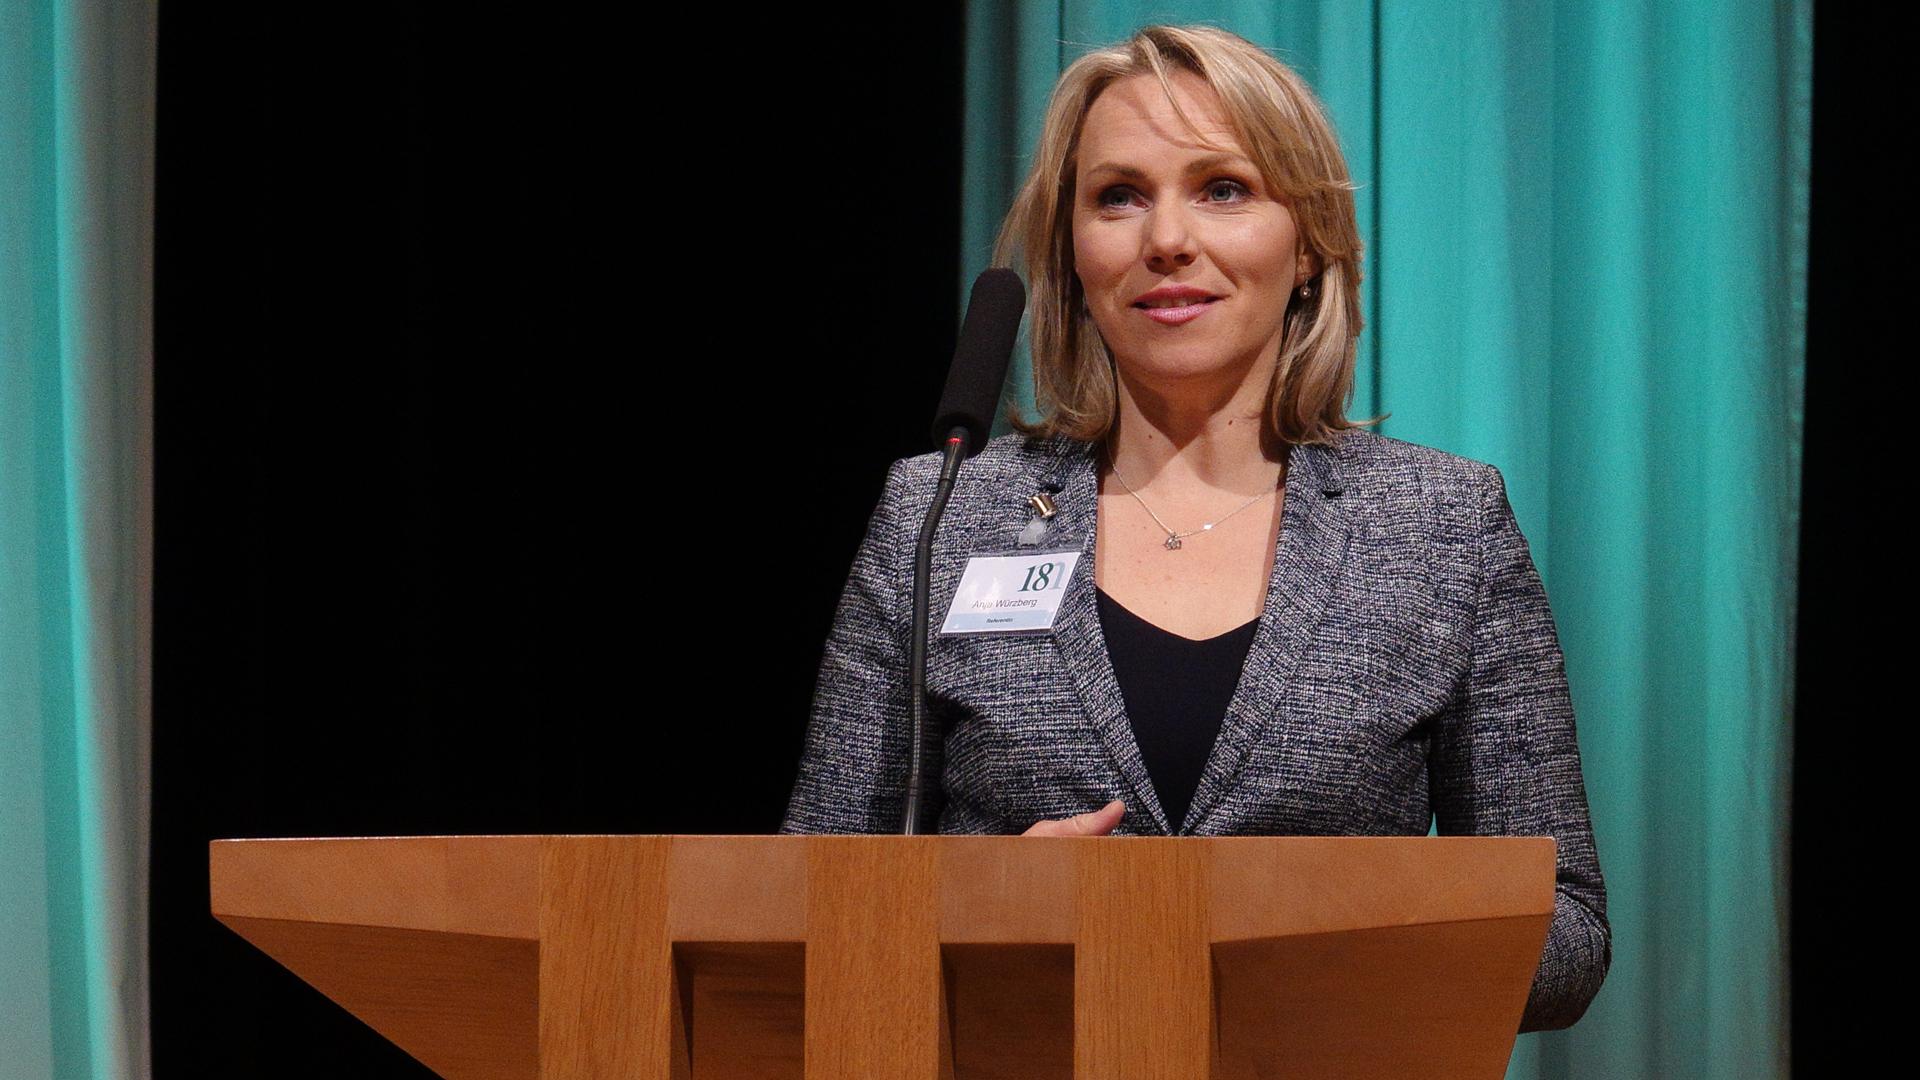 Anja Würzberg leitet seit 2014 die Fernsehredaktion Religion und Gesellschaft beim NDR